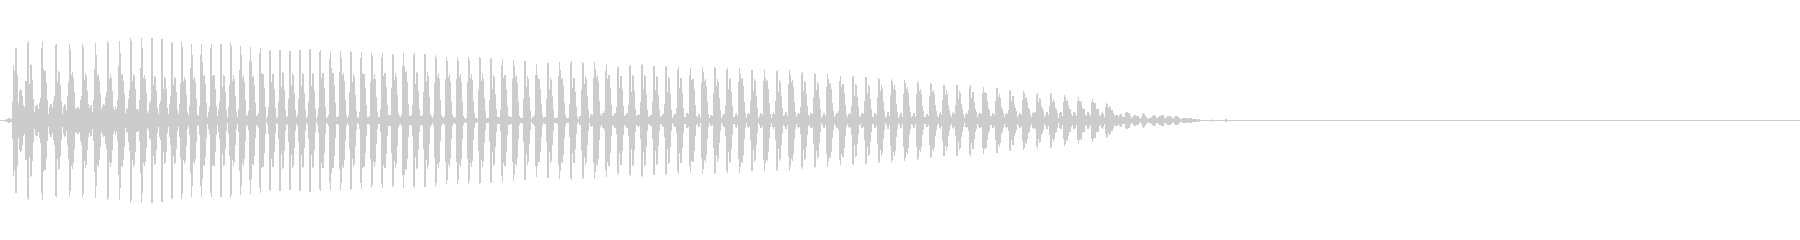 エレクトリックベース:上下スライド...の未再生の波形